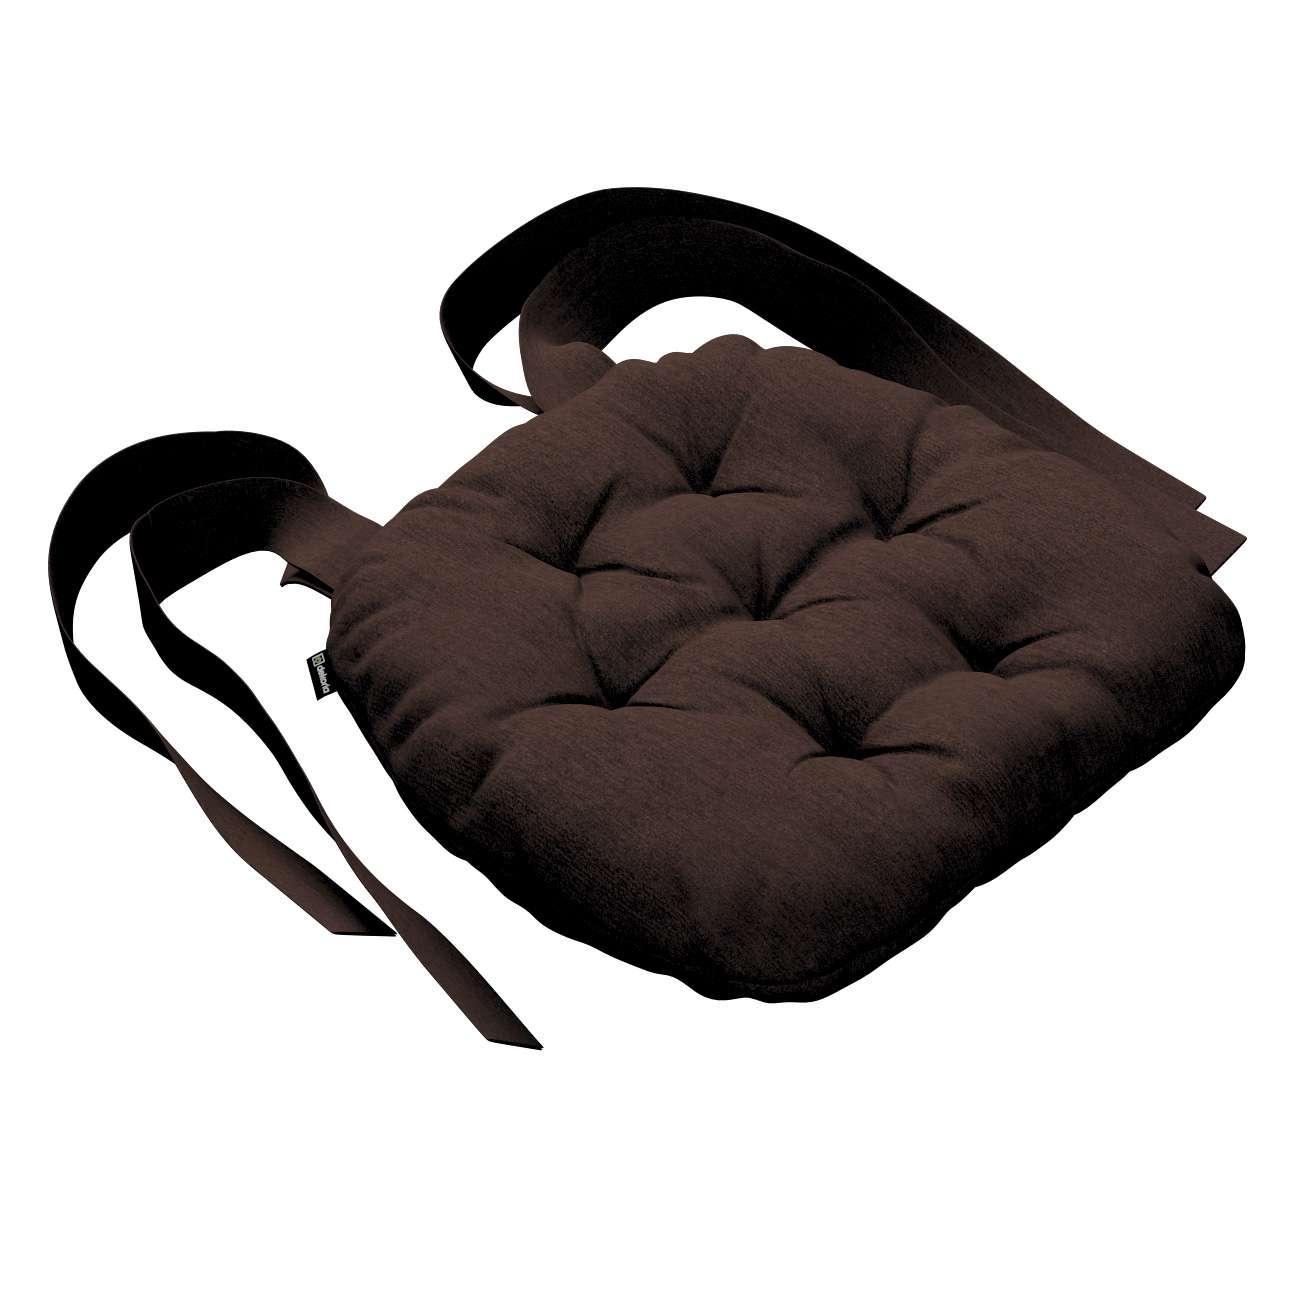 Siedzisko Marcin na krzesło 40x37x8cm w kolekcji Chenille, tkanina: 702-18